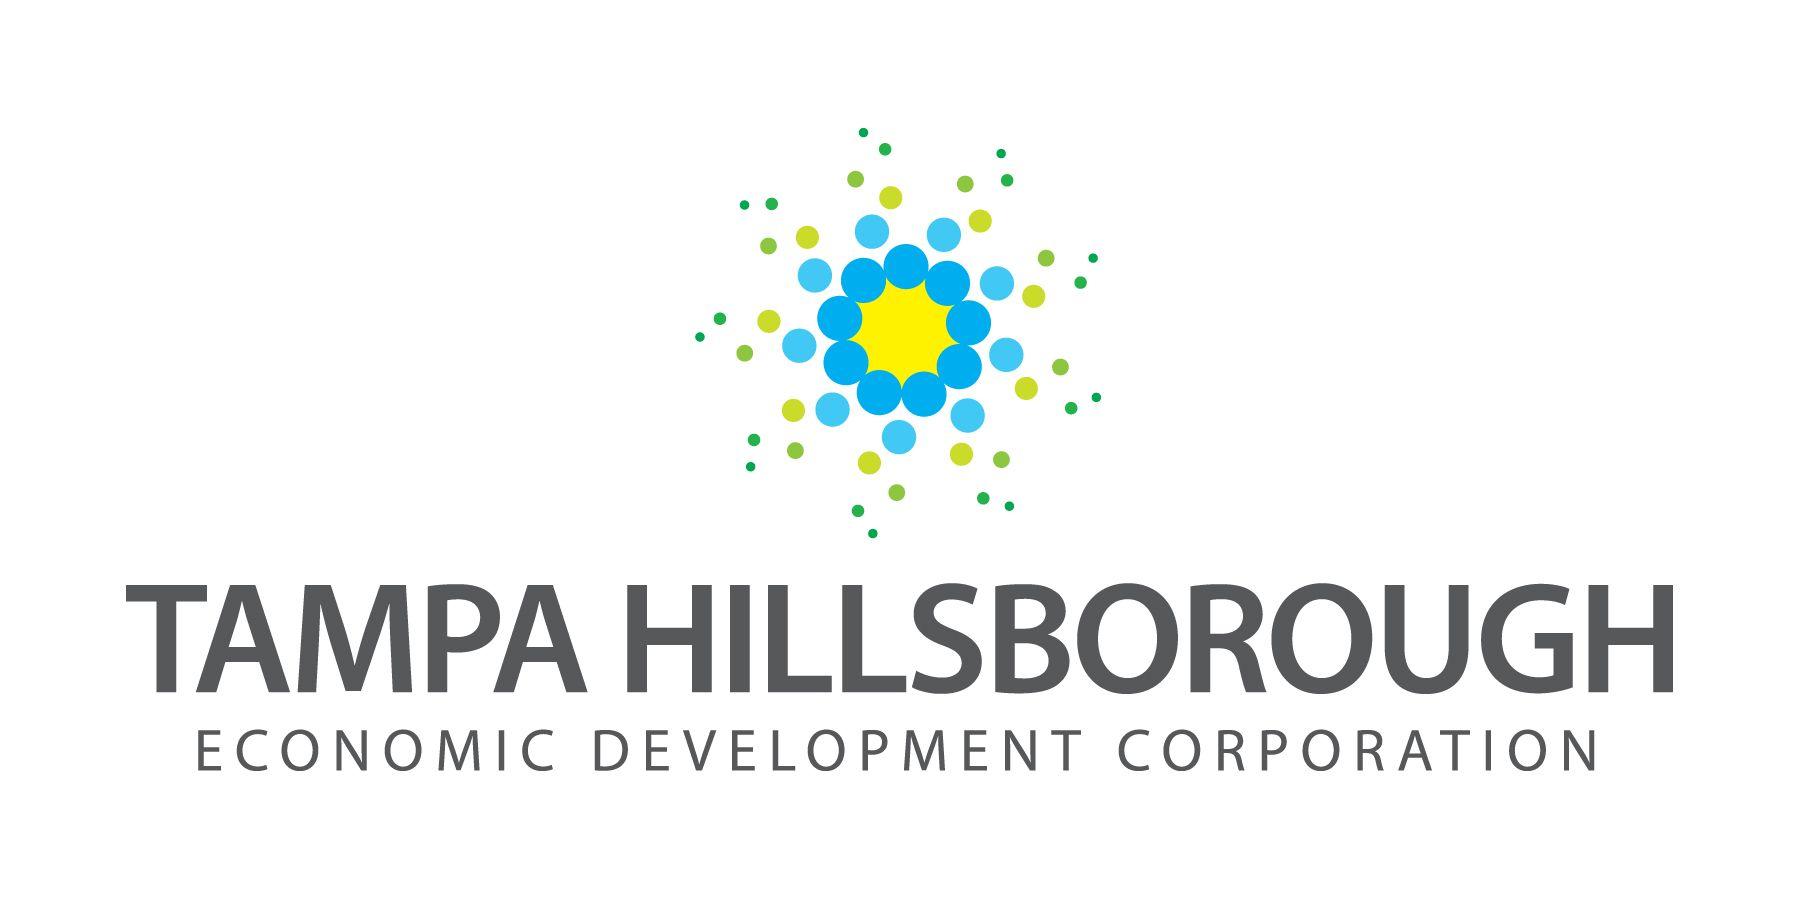 Tampa Hillsborough EDC